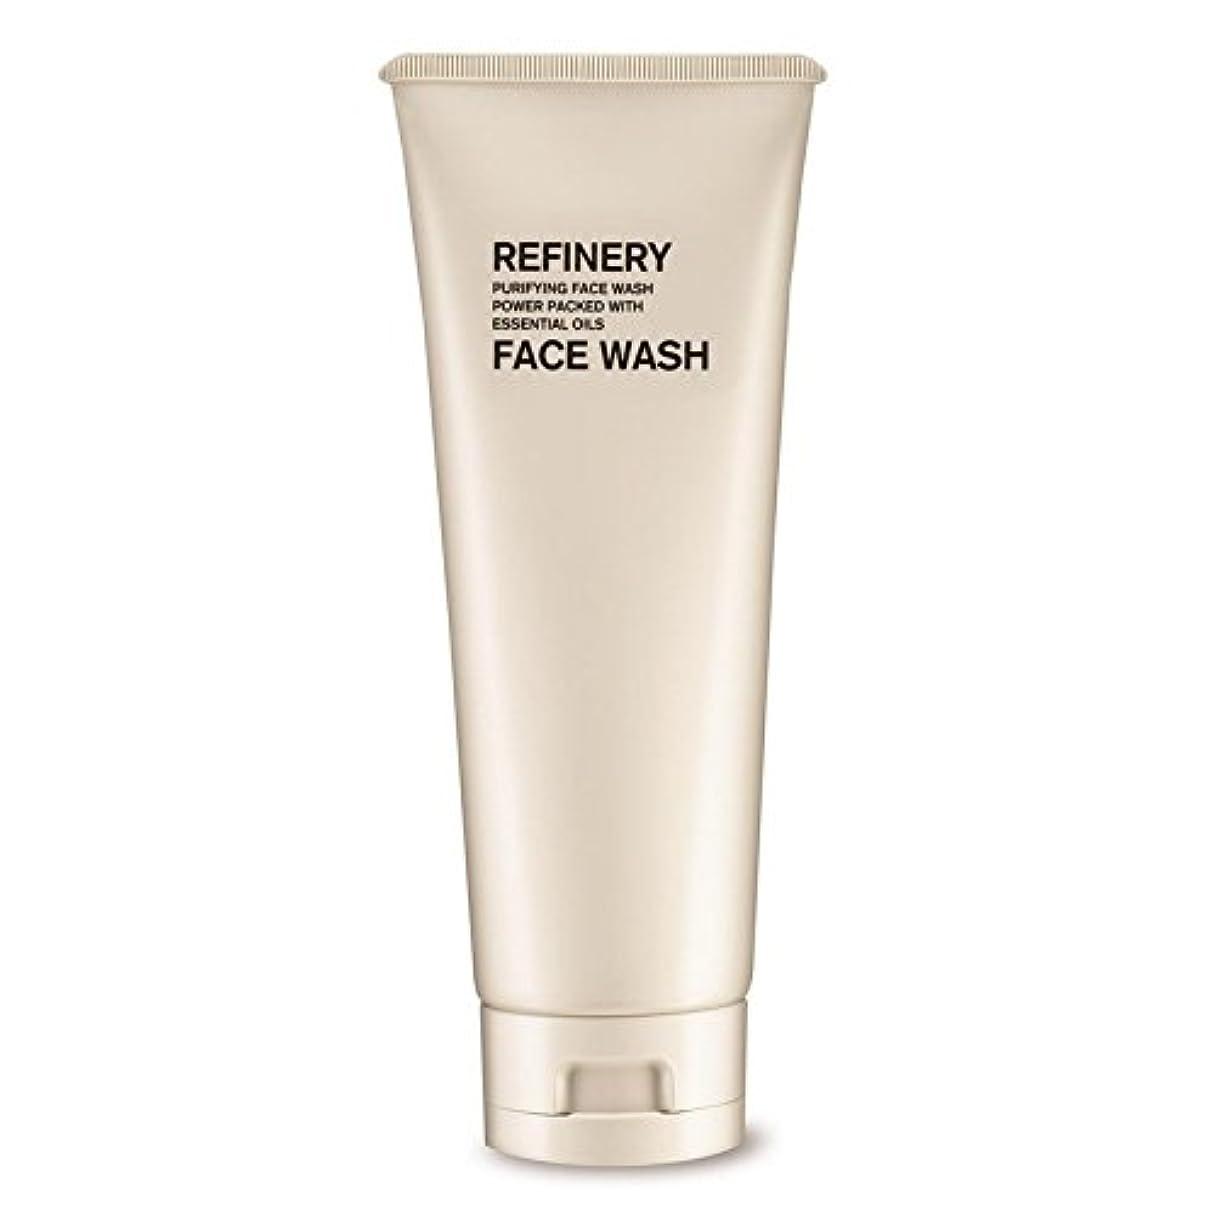 借りている昼寝シャーク製油所洗顔の100ミリリットル x2 - The Refinery Face Wash 100ml (Pack of 2) [並行輸入品]